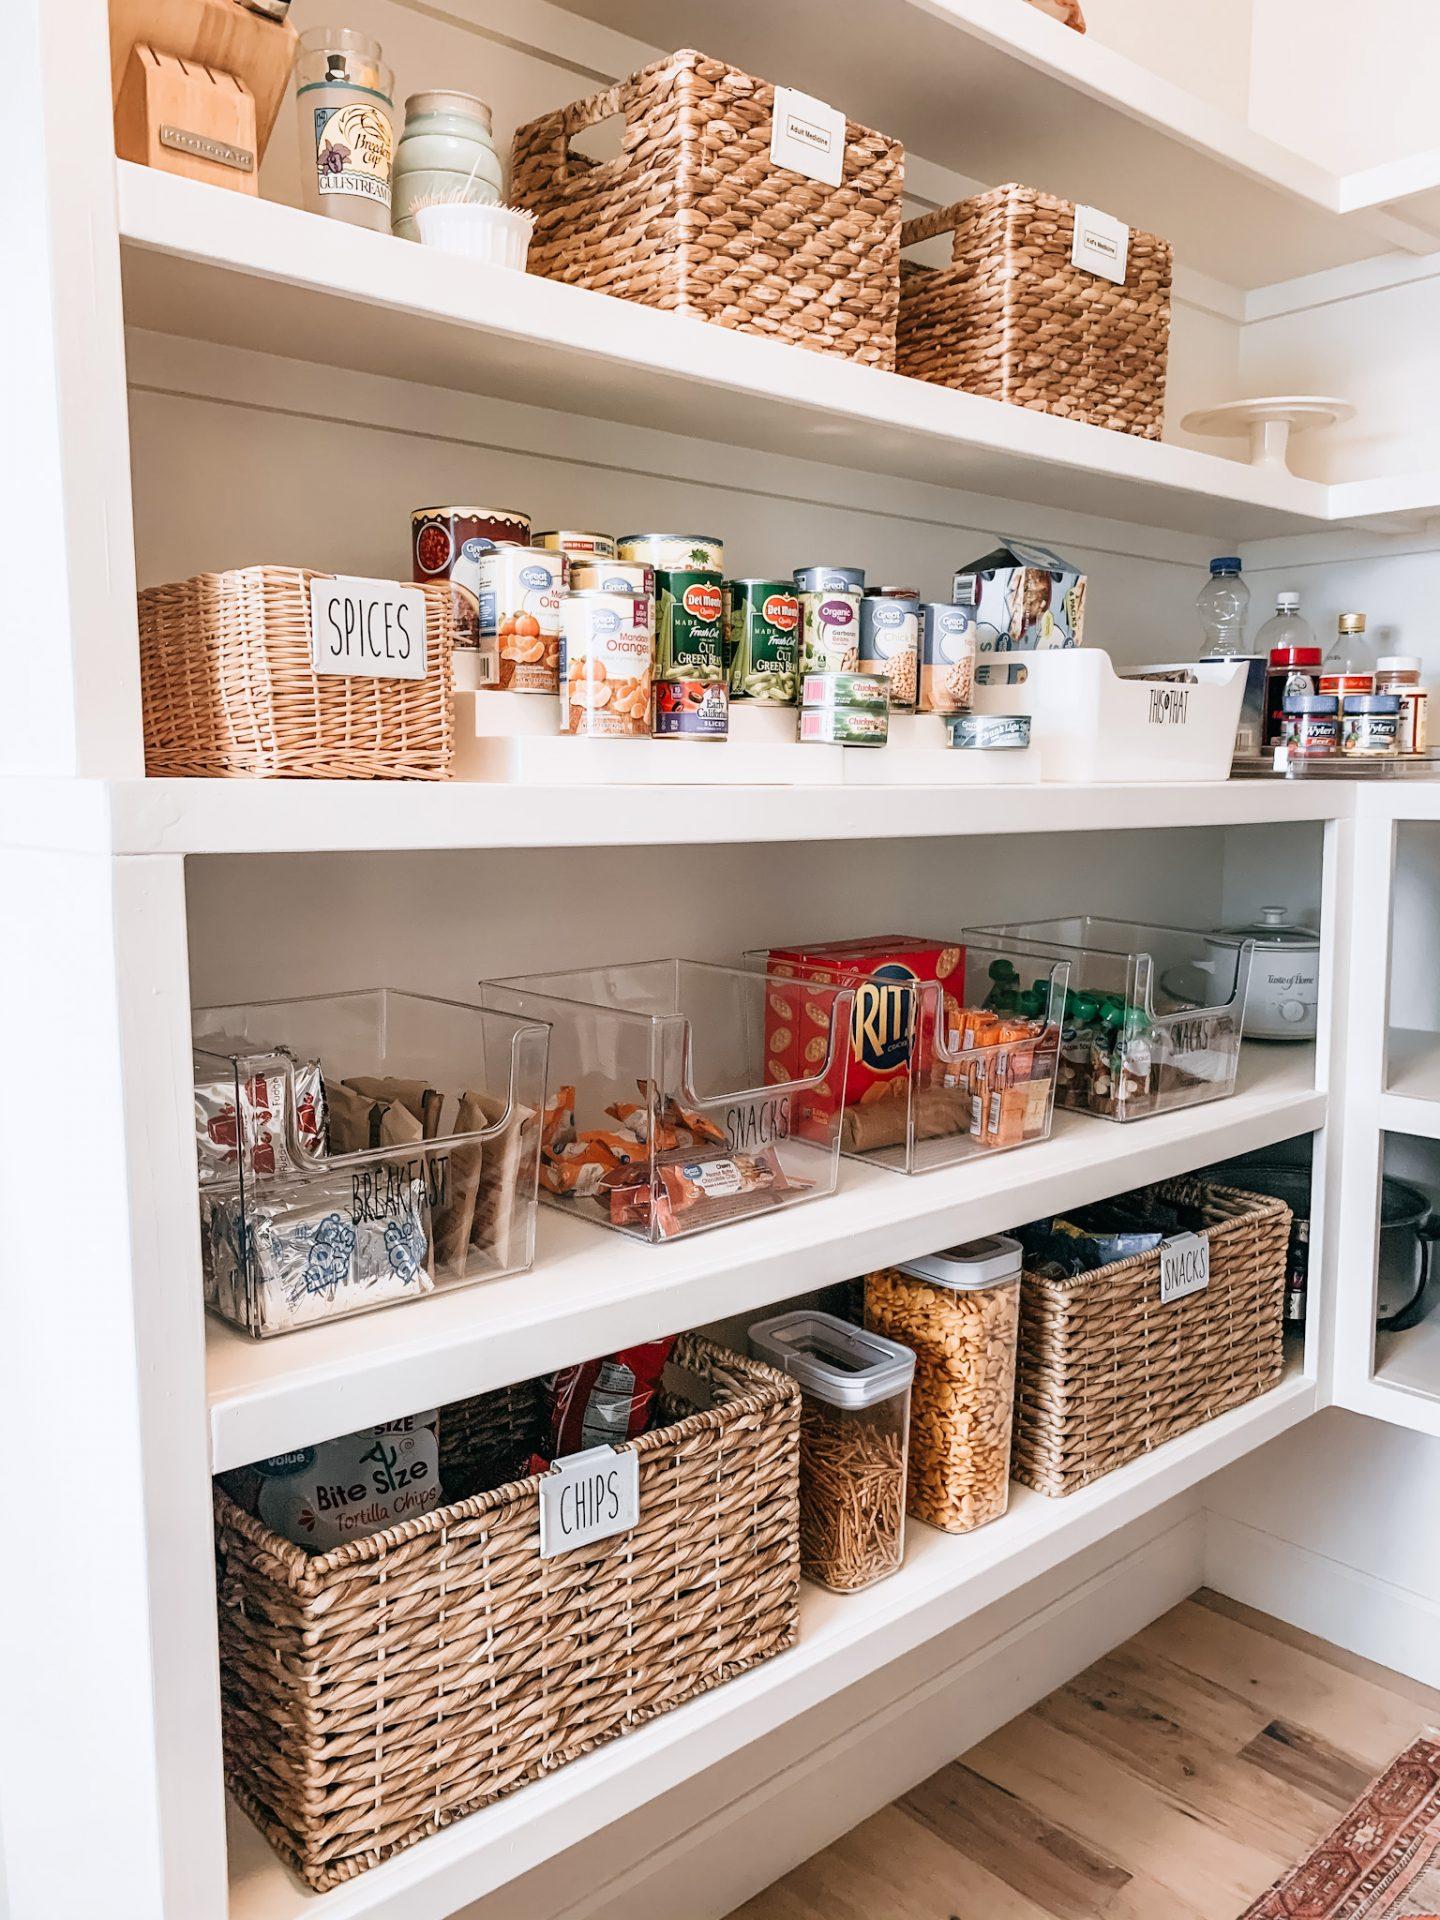 Home Decor, Organizing, Pantry, Pantry Organization, Home organization, The Hull Space, Amazon Home, Rugs USA,